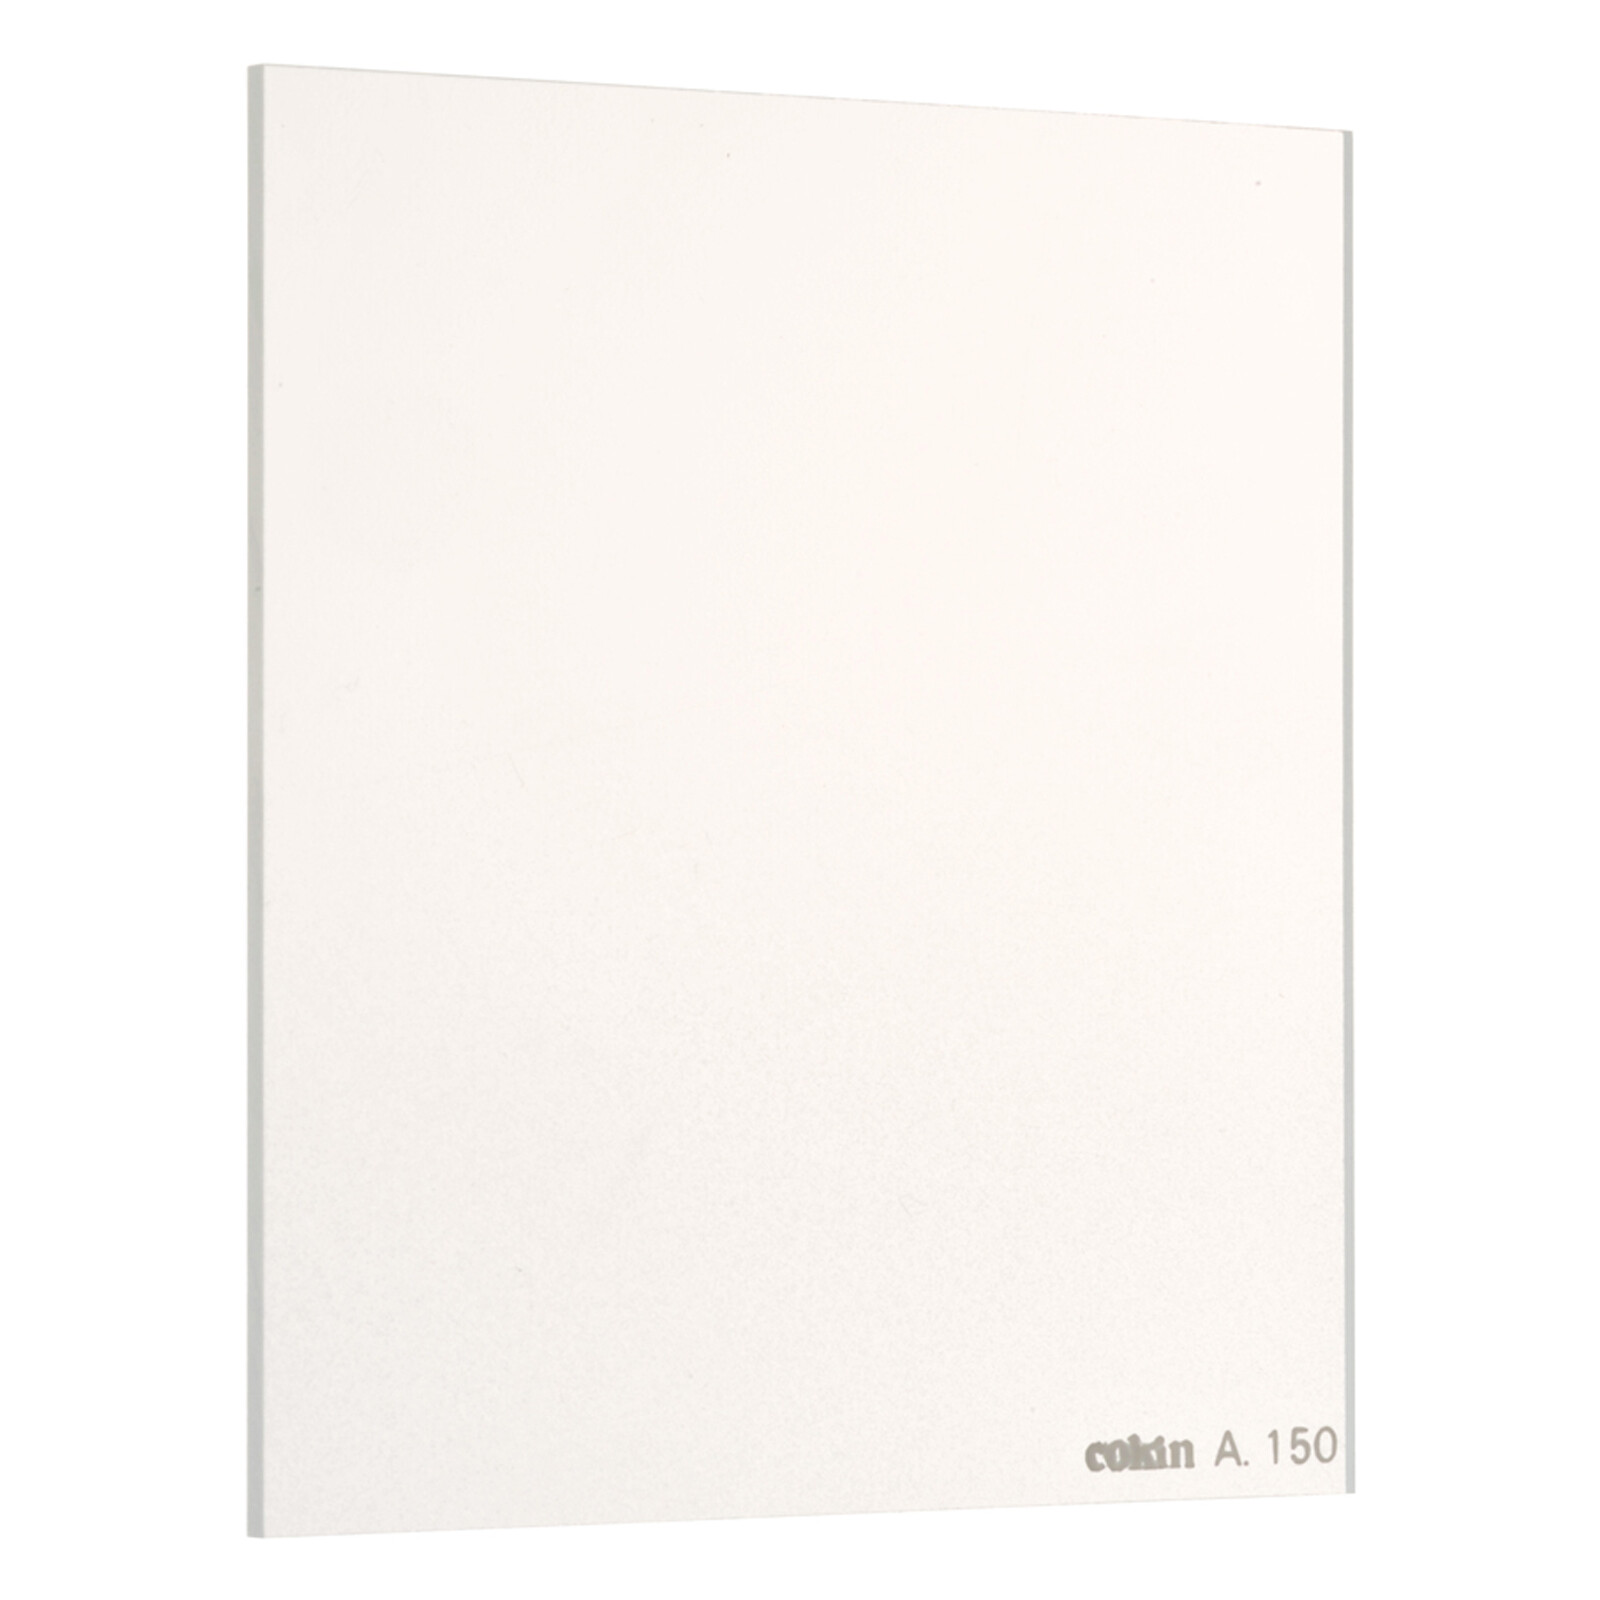 Cokin A150 Nebel 1